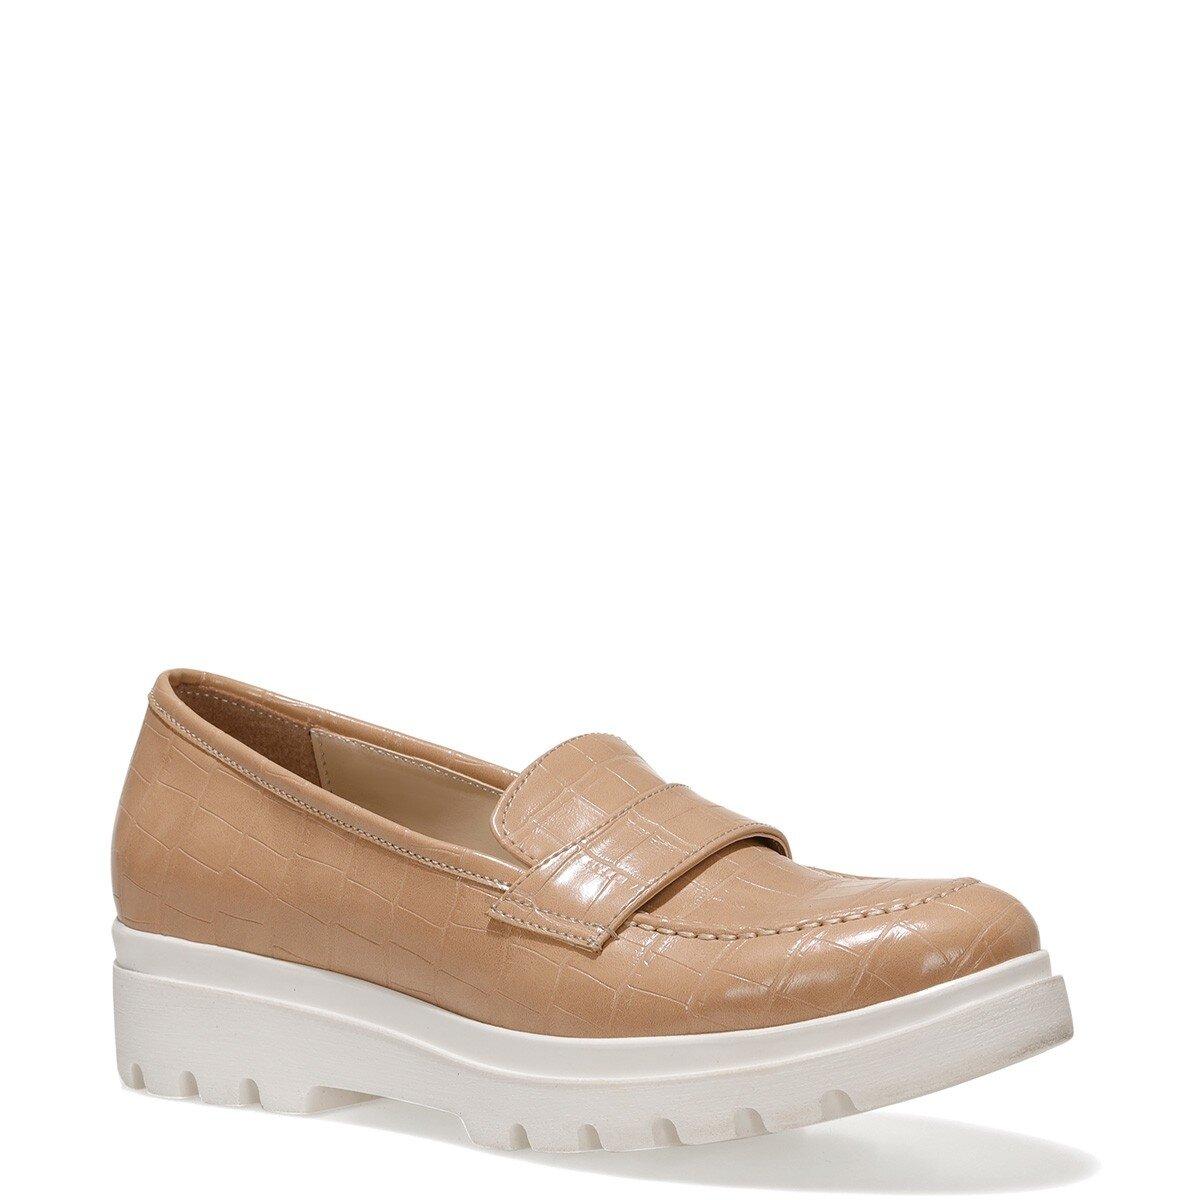 PIPER2 1FX Bej Kadın Loafer Ayakkabı